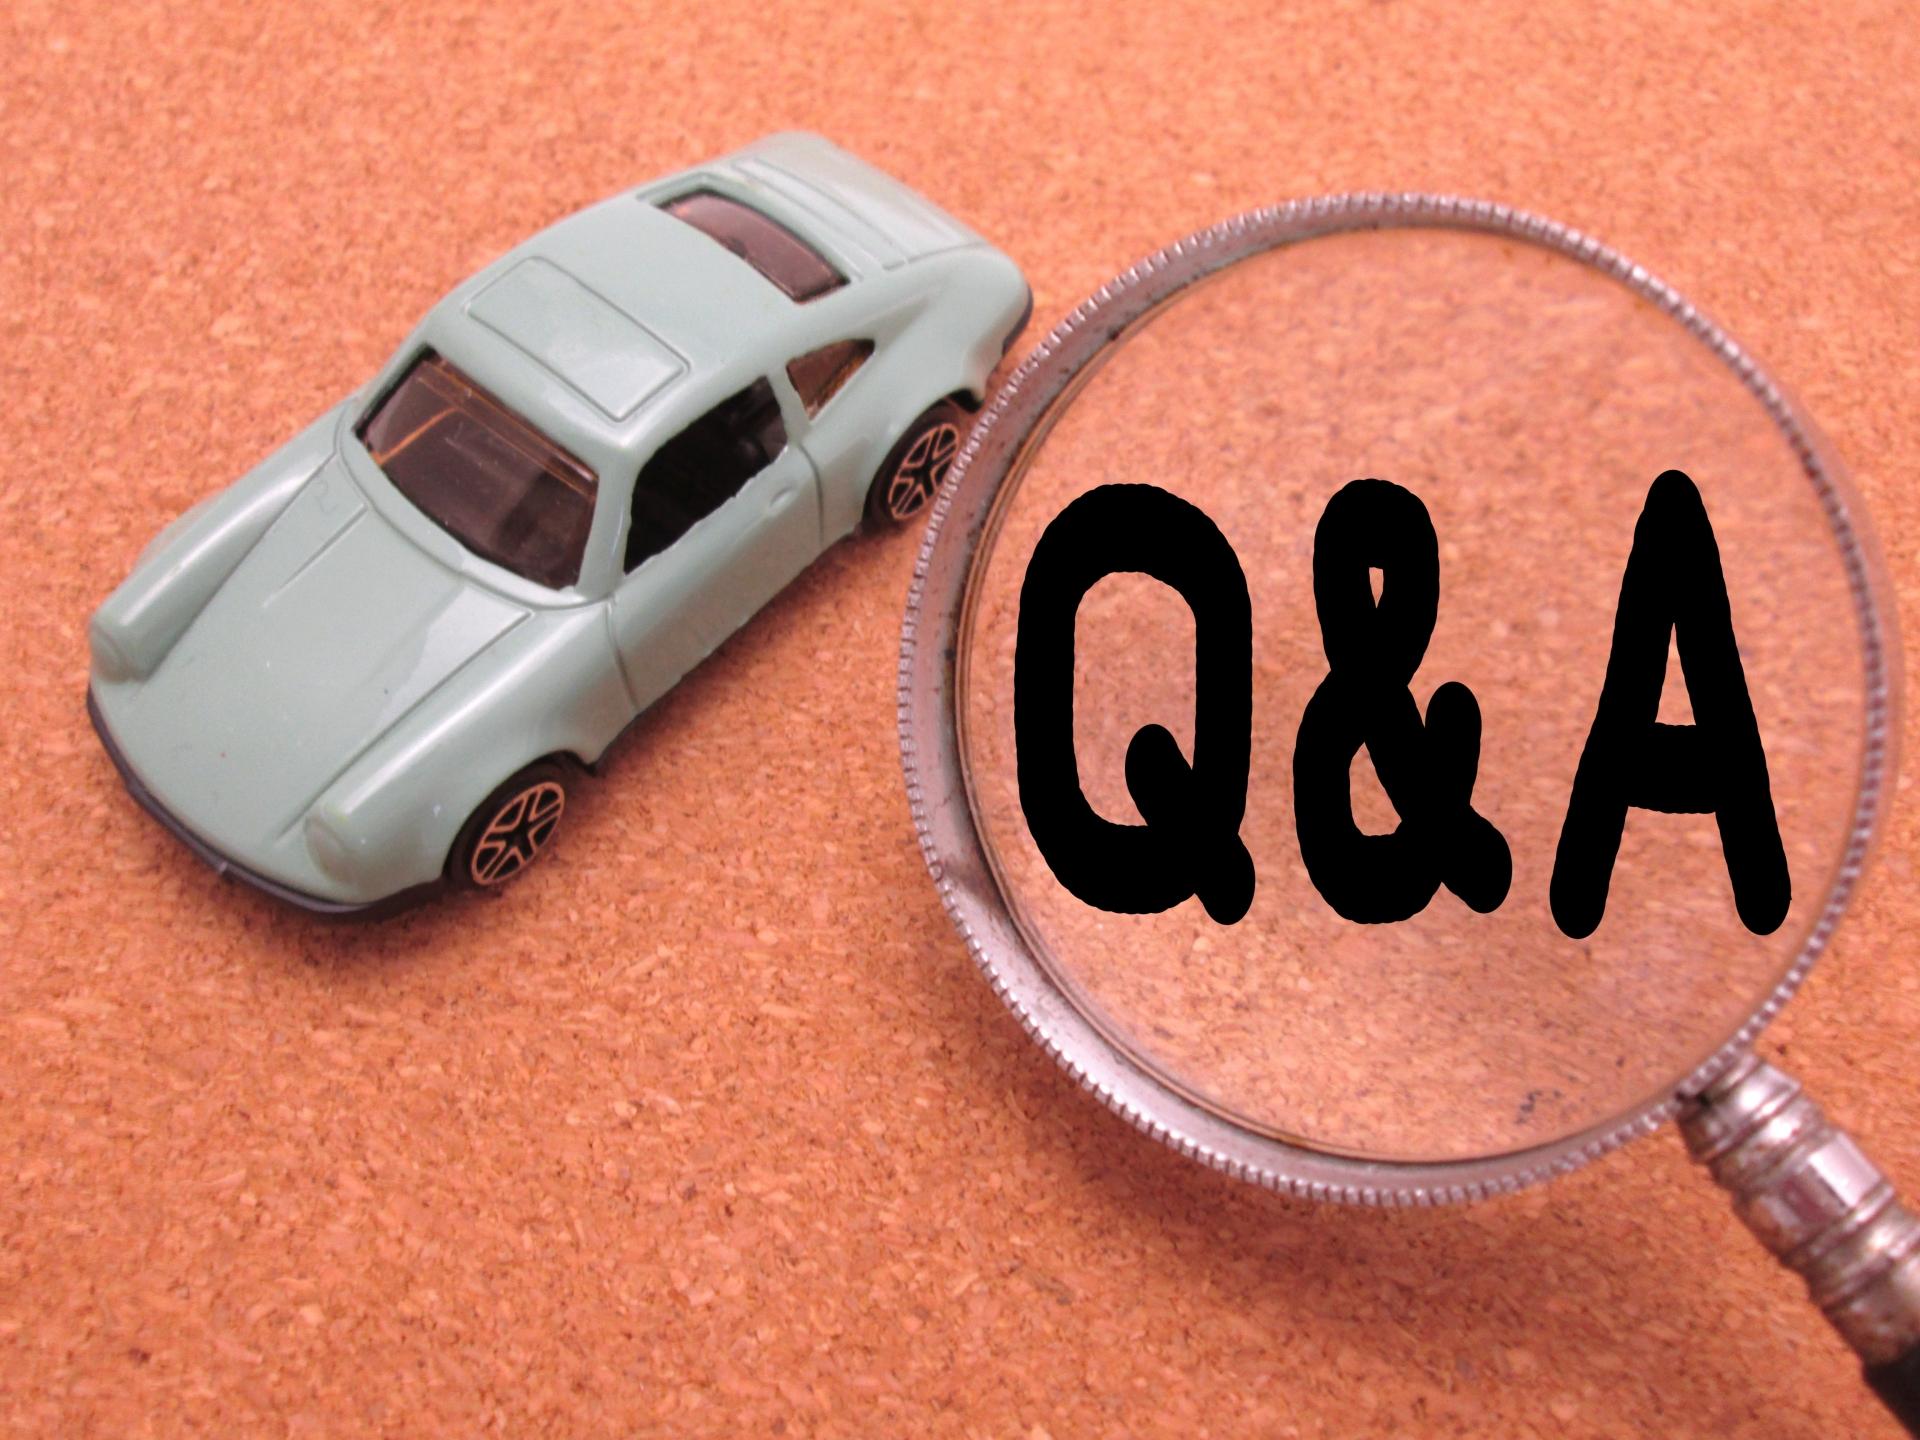 よくあるご質問 乗るピタは記名被保険者の年齢によって保険料は変わりません。乗るピタの告知事項は3項目です。①借用自動車の用途車種②借用自動車の所有者が運転者本人・運転者の配偶者・法人に該当しないか。③借用自動車がレンタカー・カーシェアリング、一部の高額な自動車、分類番号が8で始まる自動車に該当しないか。乗るピタでは借用自動車の特定が必要です。車名・登録番号もしくは車体番号を入力いただきます。借用自動車の対象外の車両はNSX・アストンマーティン・センチュリー・ダイムラー・フェラーリ・べントレー・マイバッハ・ランボルギーニ・ロールスロイス。乗るピタは借用自動車の偶然な事故による借用自動車の損害に対して記名被保険者が負担した修理費を300万円を限度にお支払いします。なお、借用自動車の代替車を購入した場合は、修理費用、代替車の購入費用または借用自動車の時価額のいずれか低い金額を300万円を限度にお支払いします。乗るピタでは借用自動車の盗難は補償されません。お支払いはクレジットカードのみです。